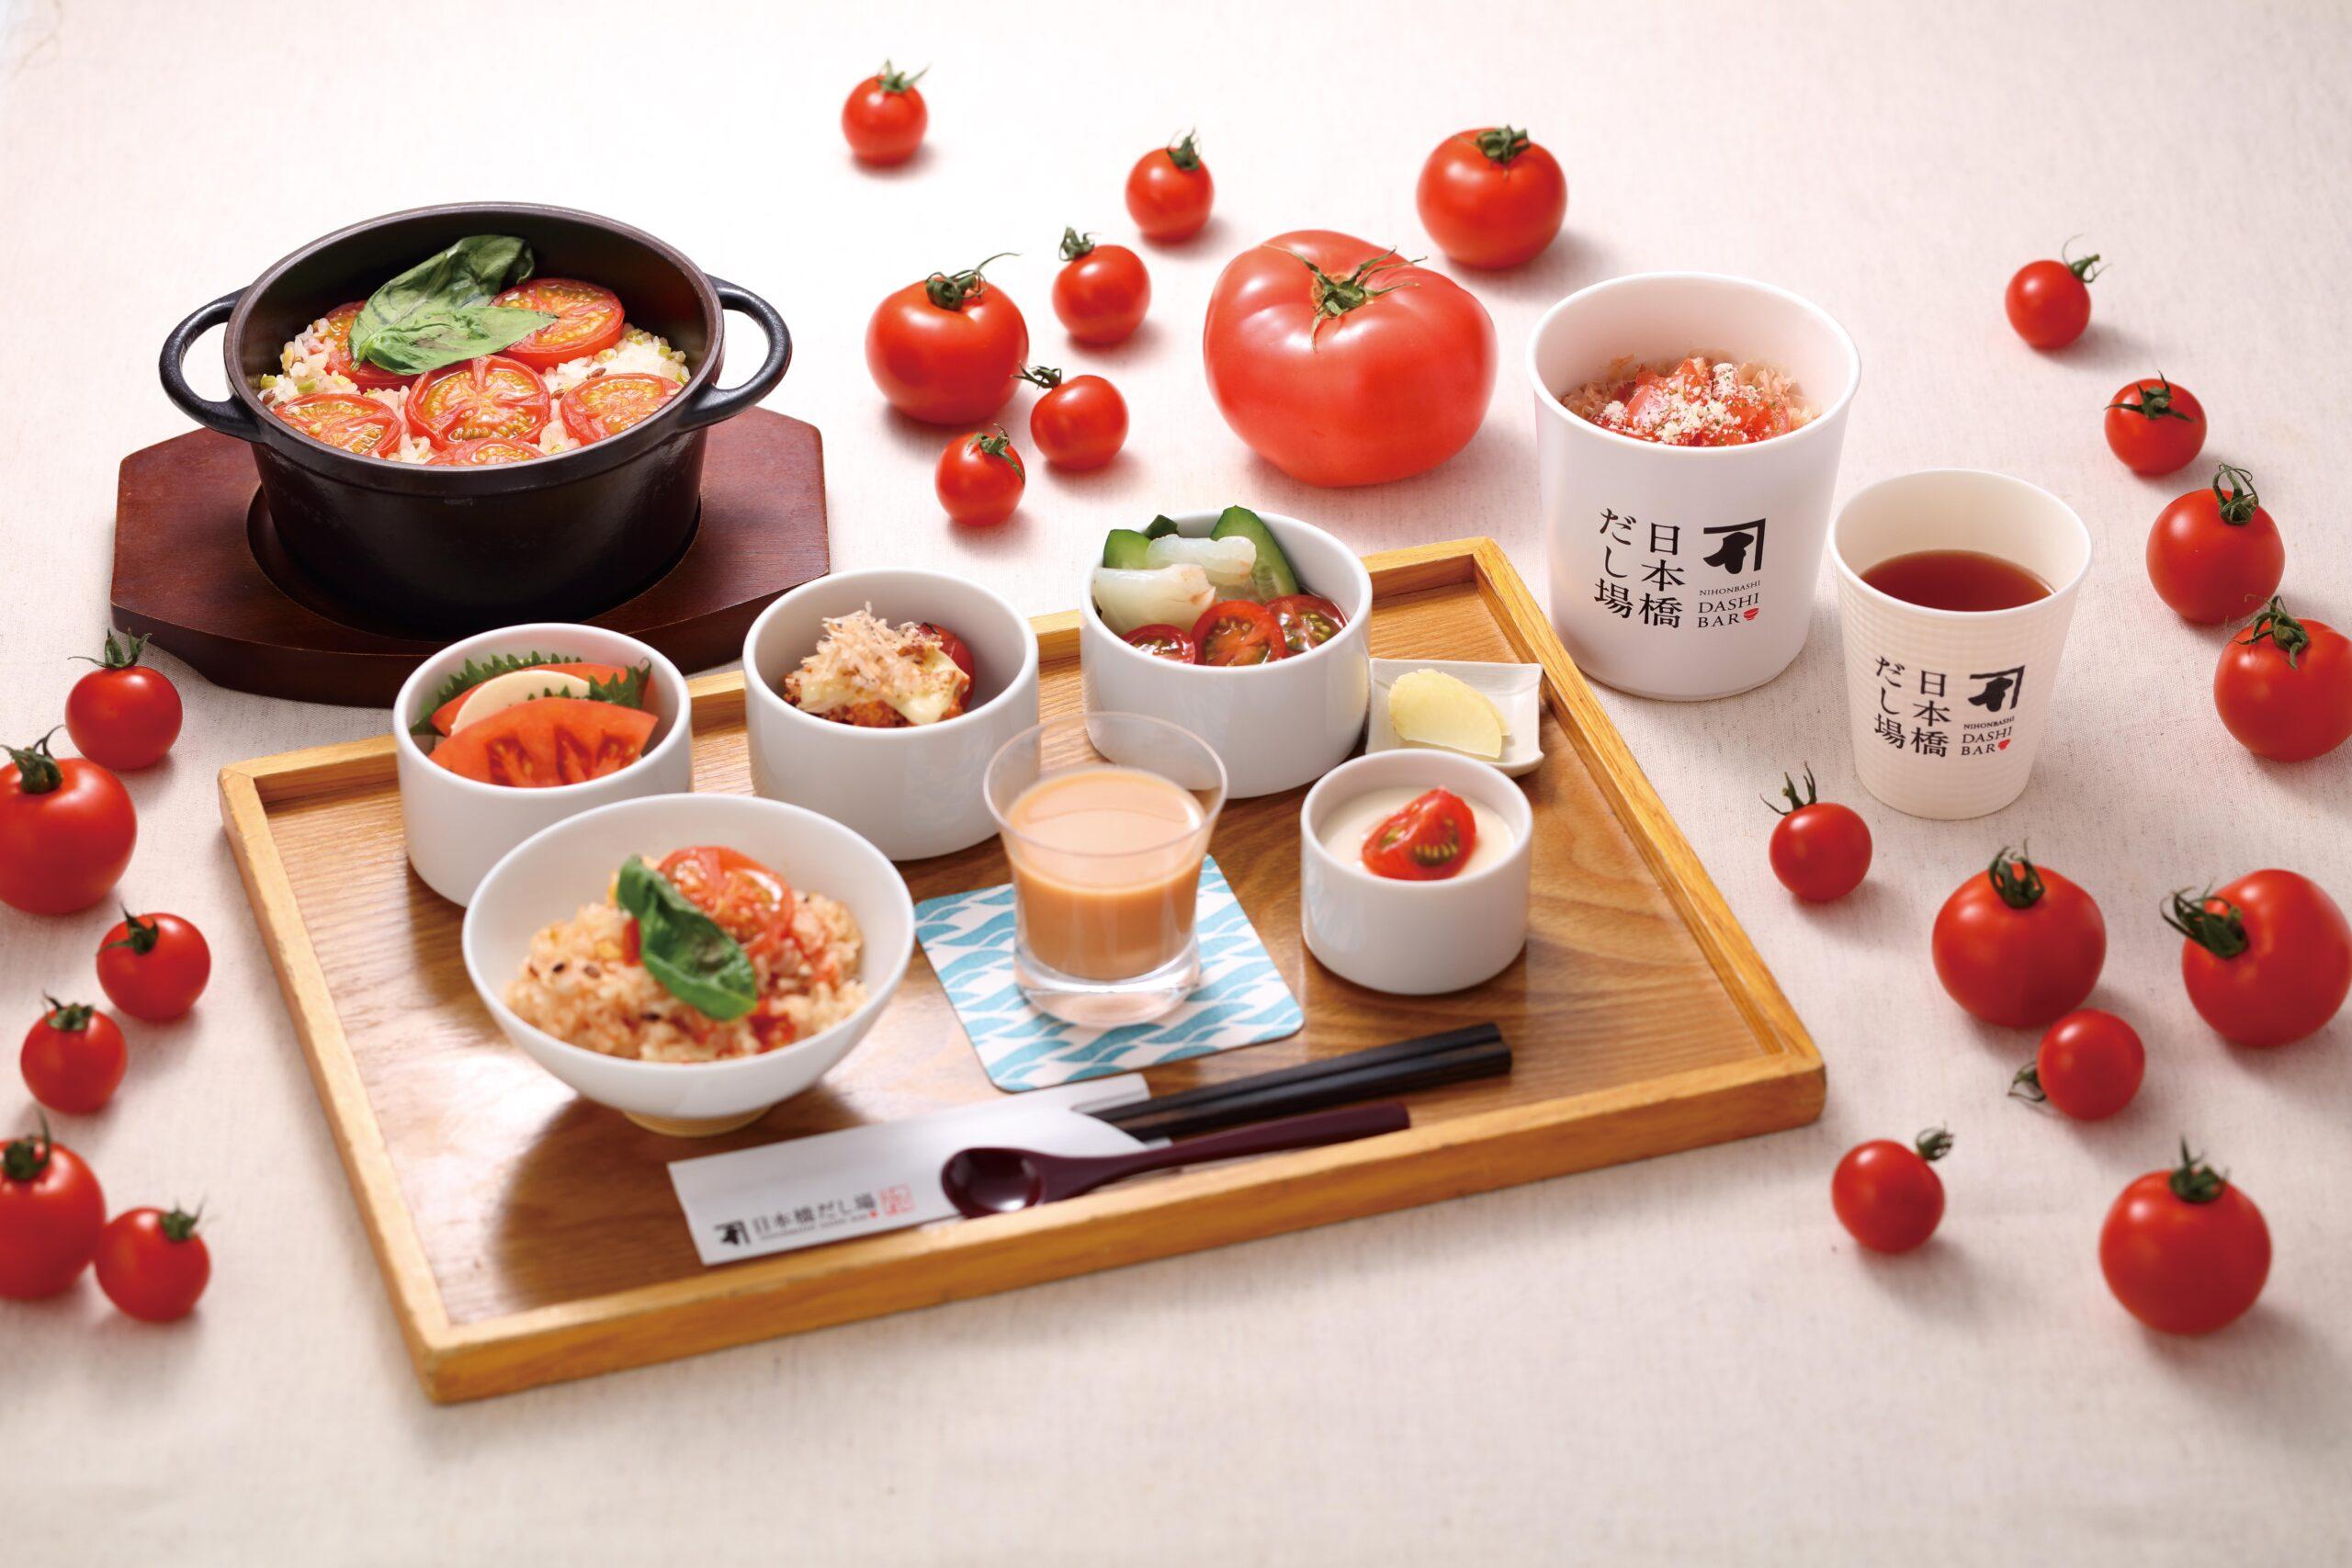 日本橋にんべん各店で「トマト祭り」 トマト農園「ネイバーズファーム」と共同でトマトとだしのコラボ企画